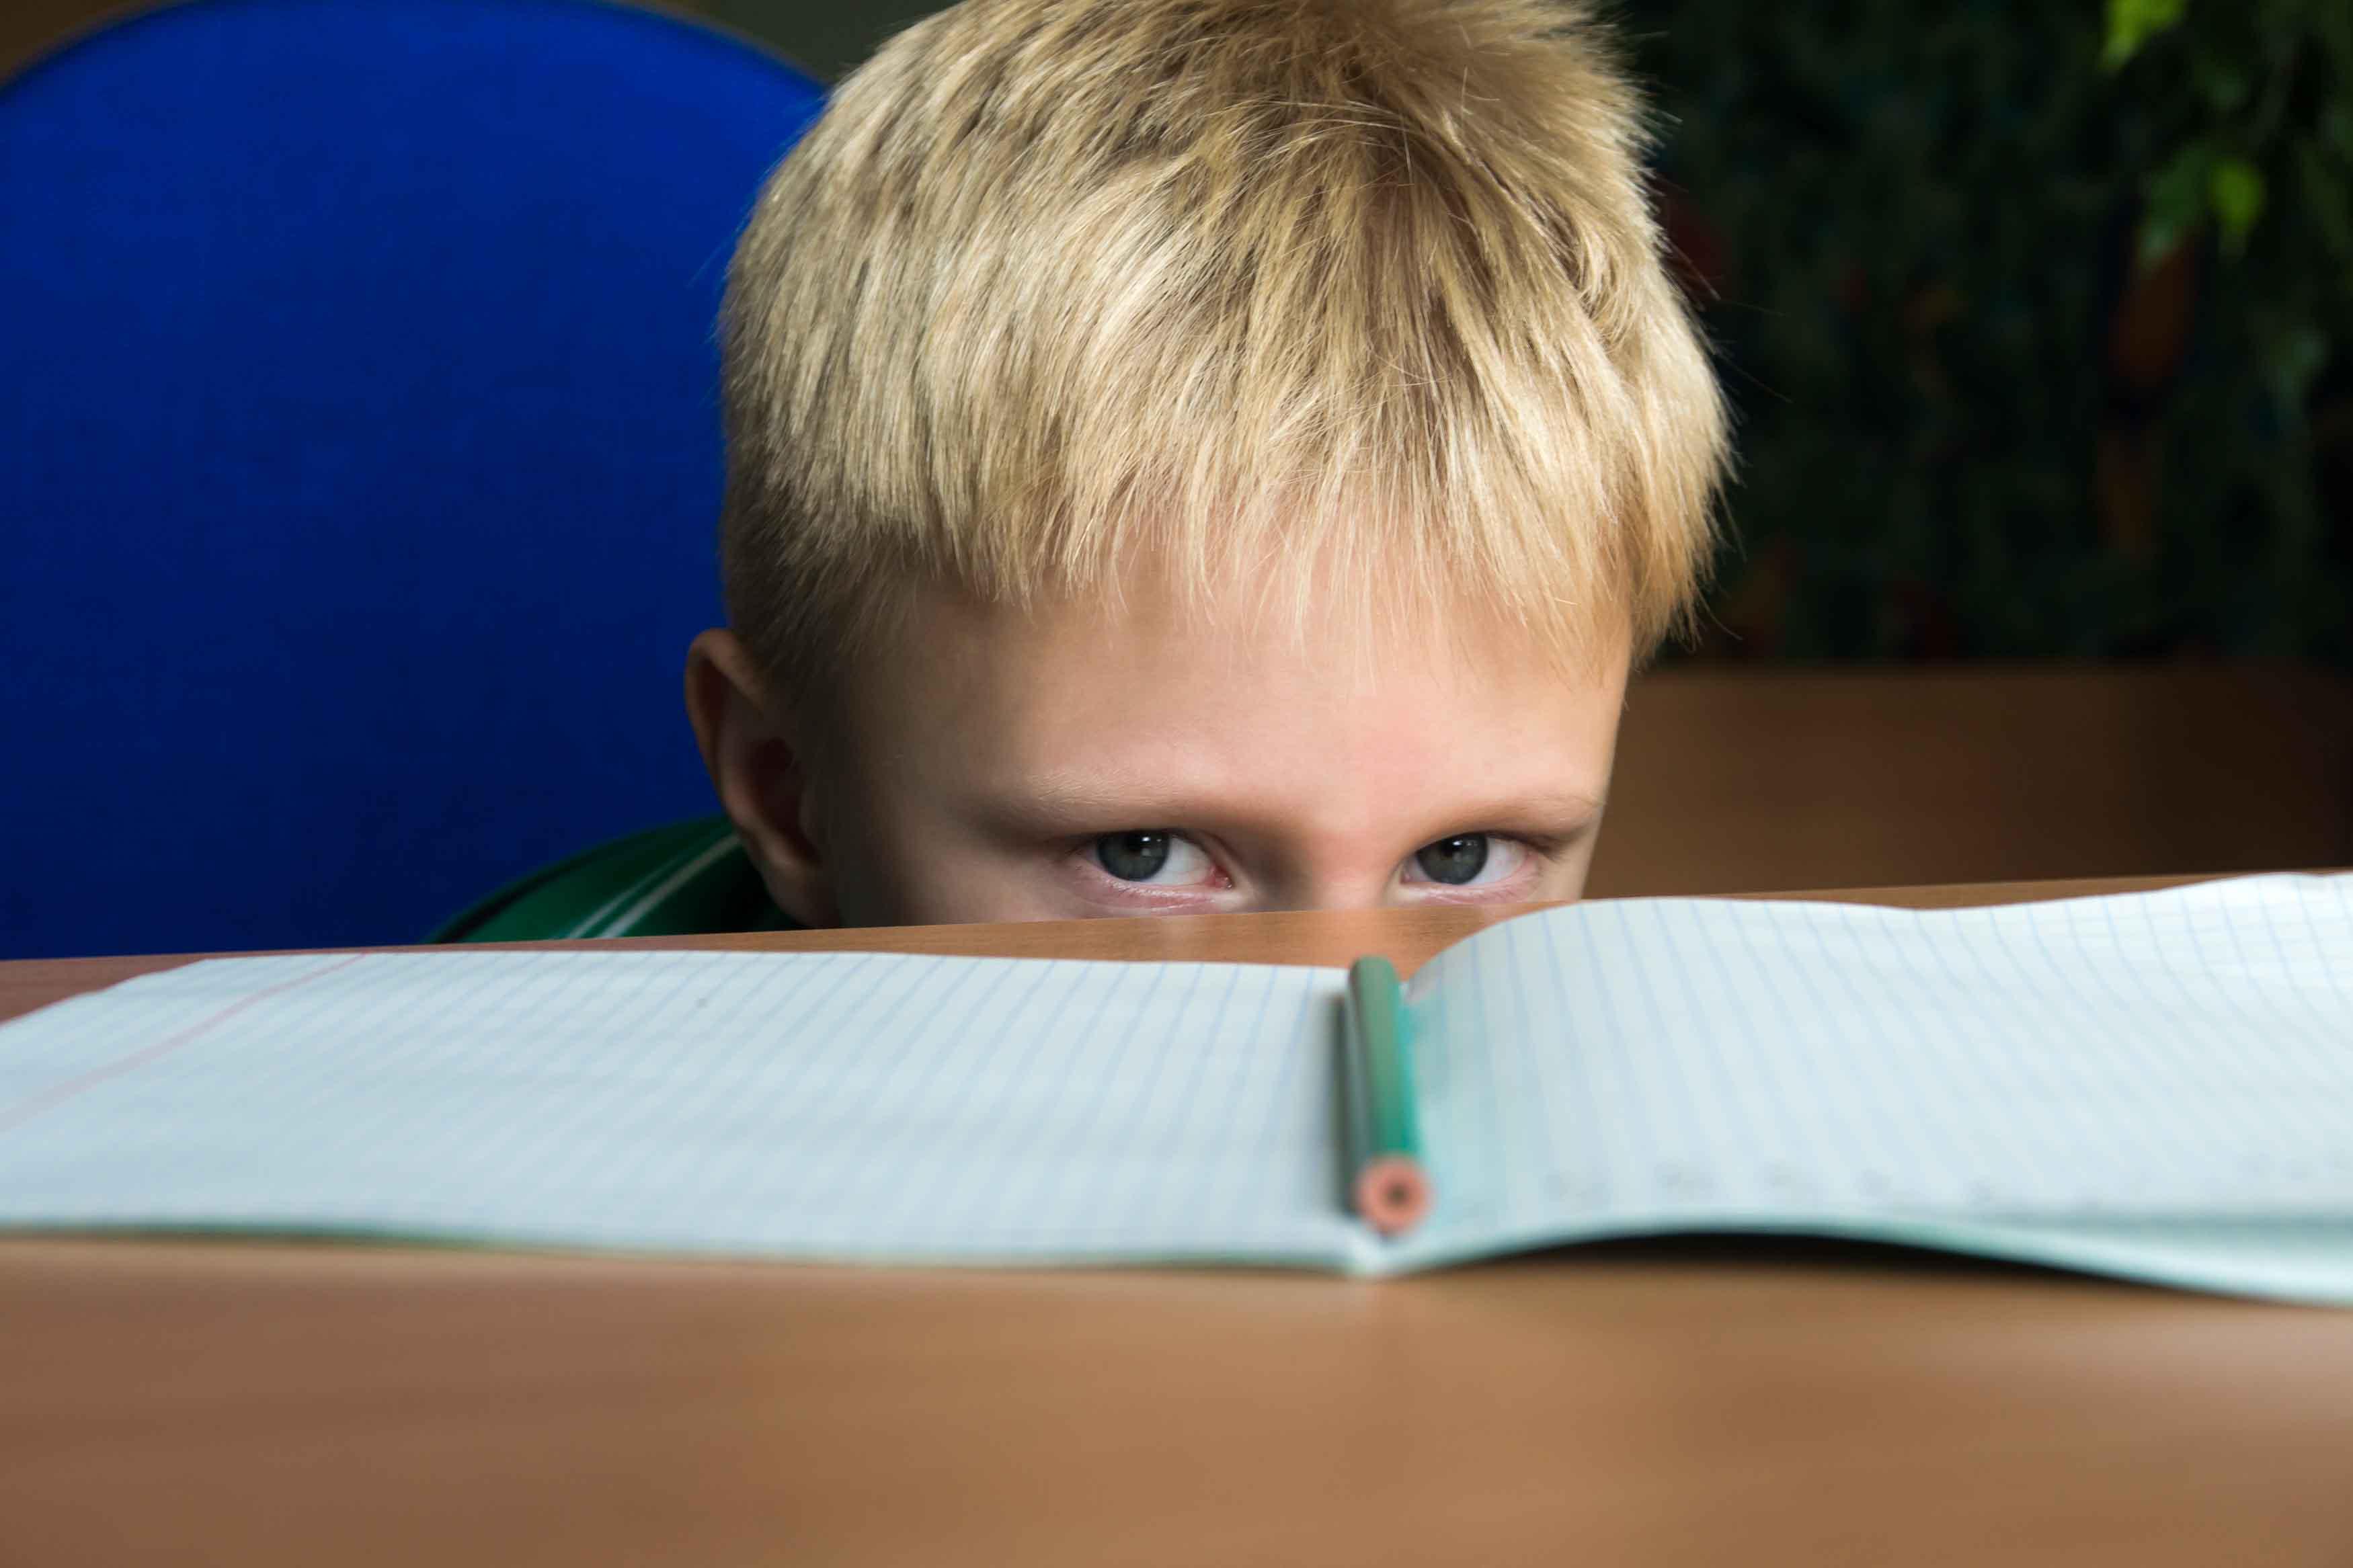 niño frente a libreta en blanco